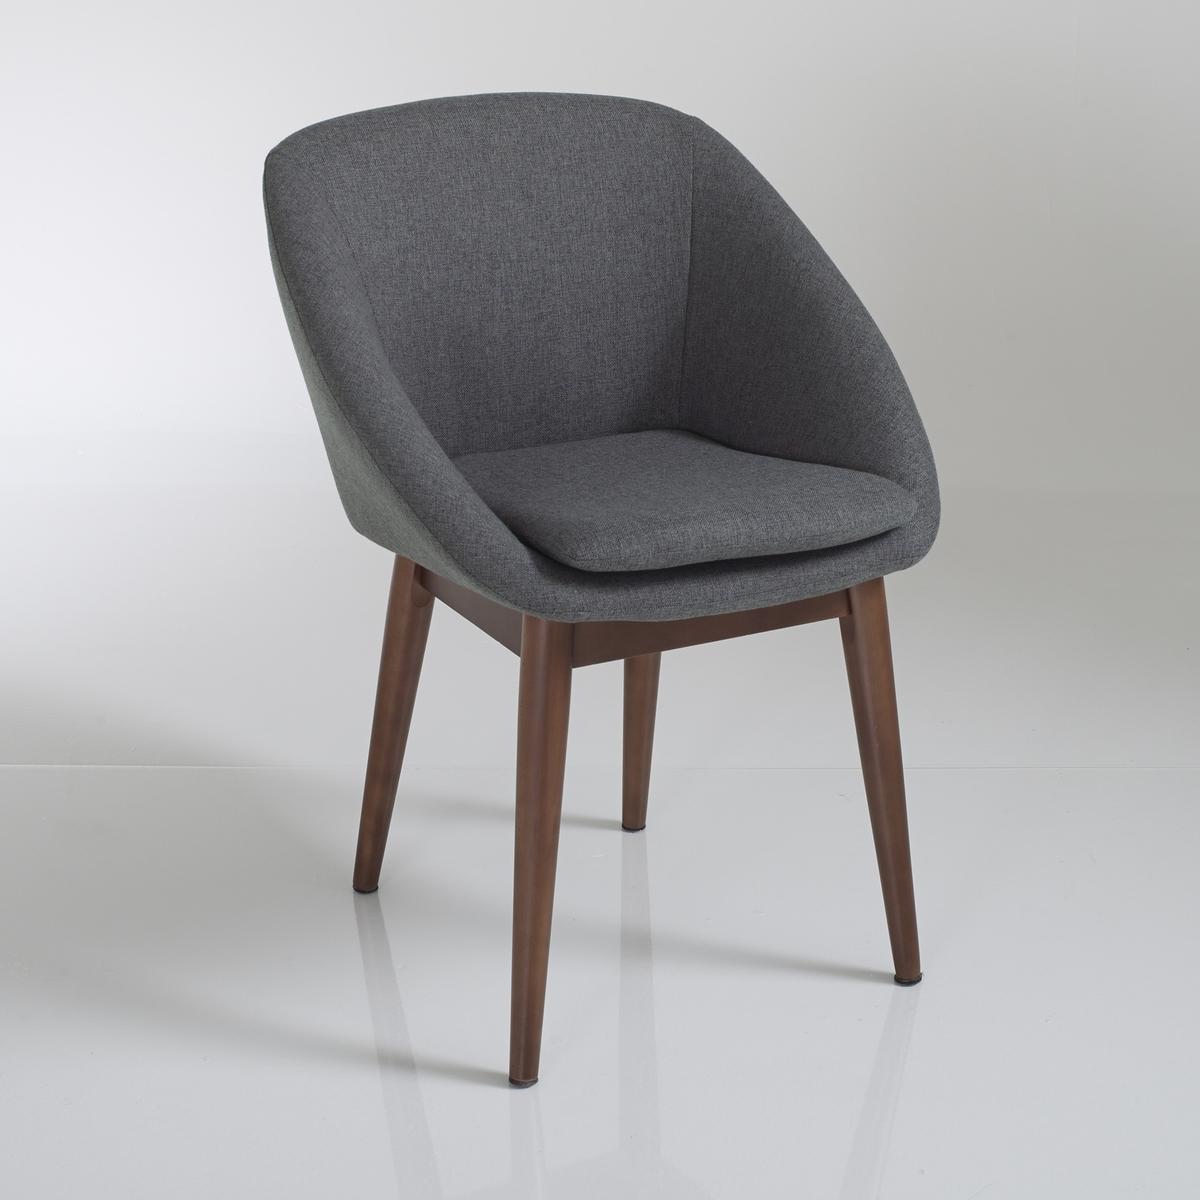 Кресло LaRedoute Обеденное WATFORD единый размер серый кресло la redoute обеденное jimi единый размер серый